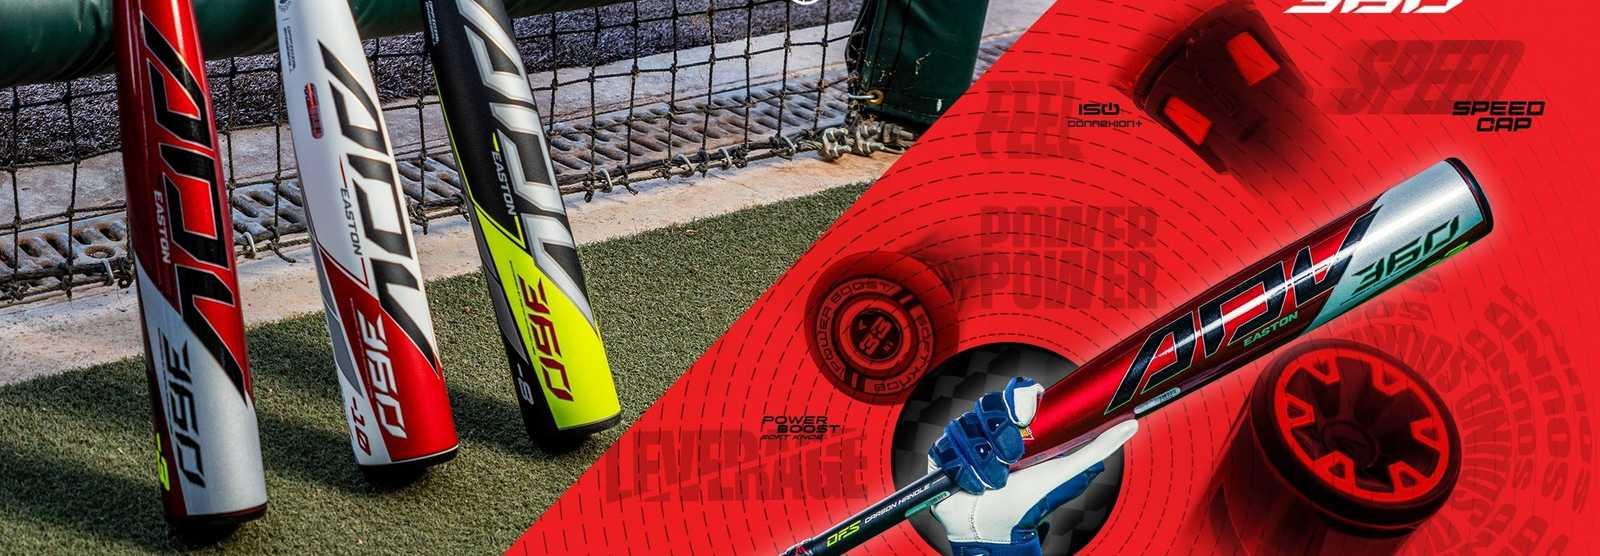 adv-360-baseball-bats